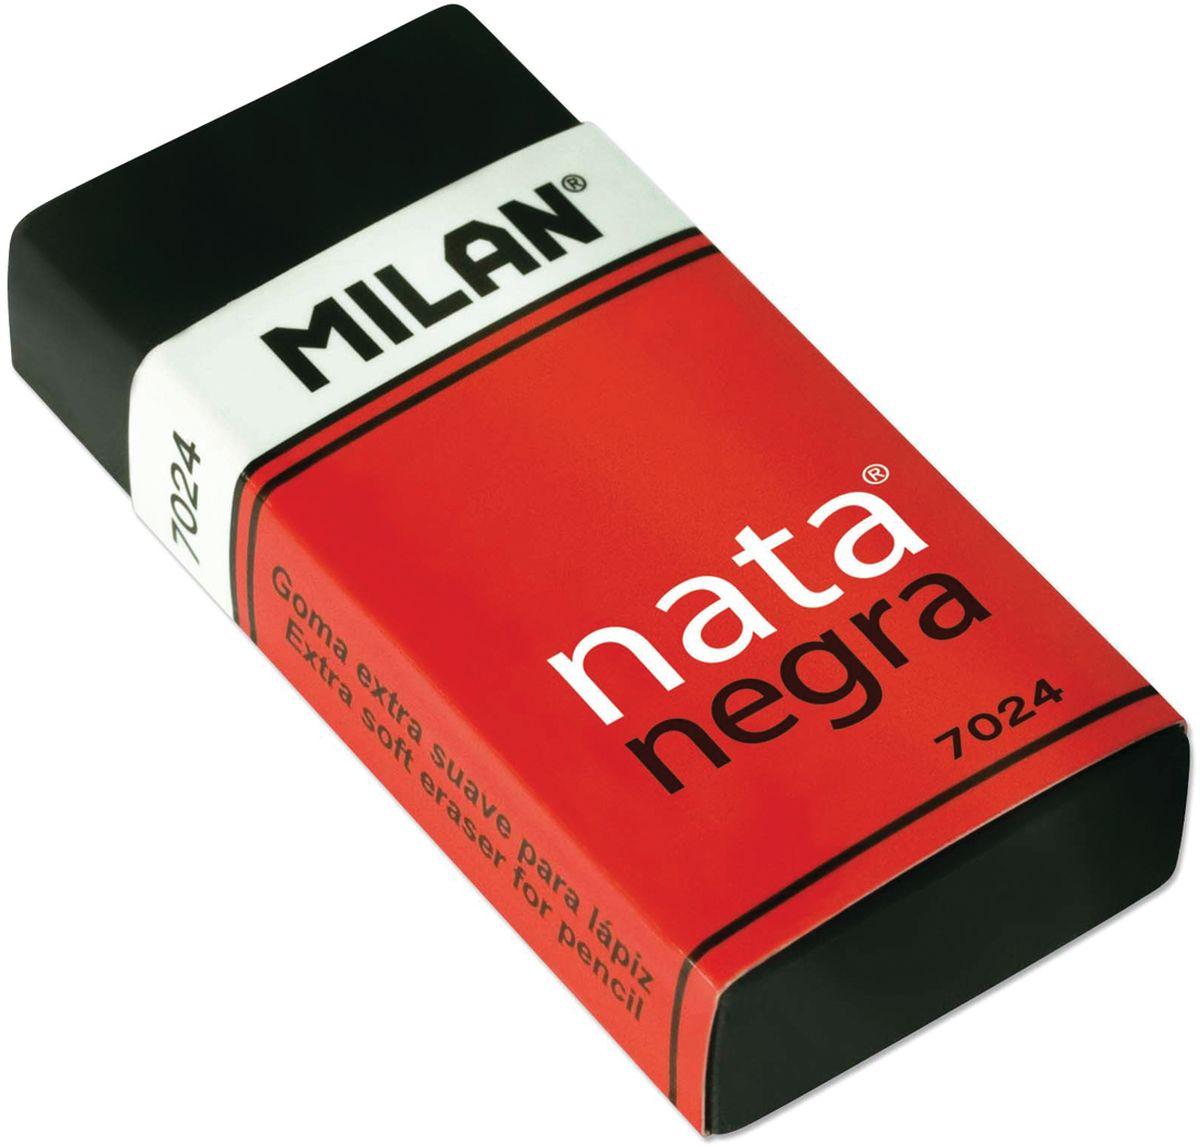 Milan Ластик Nata Negra 7024 прямоугольныйFS-36054Ластик Milan Nata Negra 7024 - это высокоэффективный синтетический ластик нового поколения для работы с любыми видами графита и пигментов. Яркое дизайнерское решение подсказано функциональными особенностями полимерных добавок, повышающих абсорбирующие свойства и гарантирующих бережное отношение к структуре бумаги.